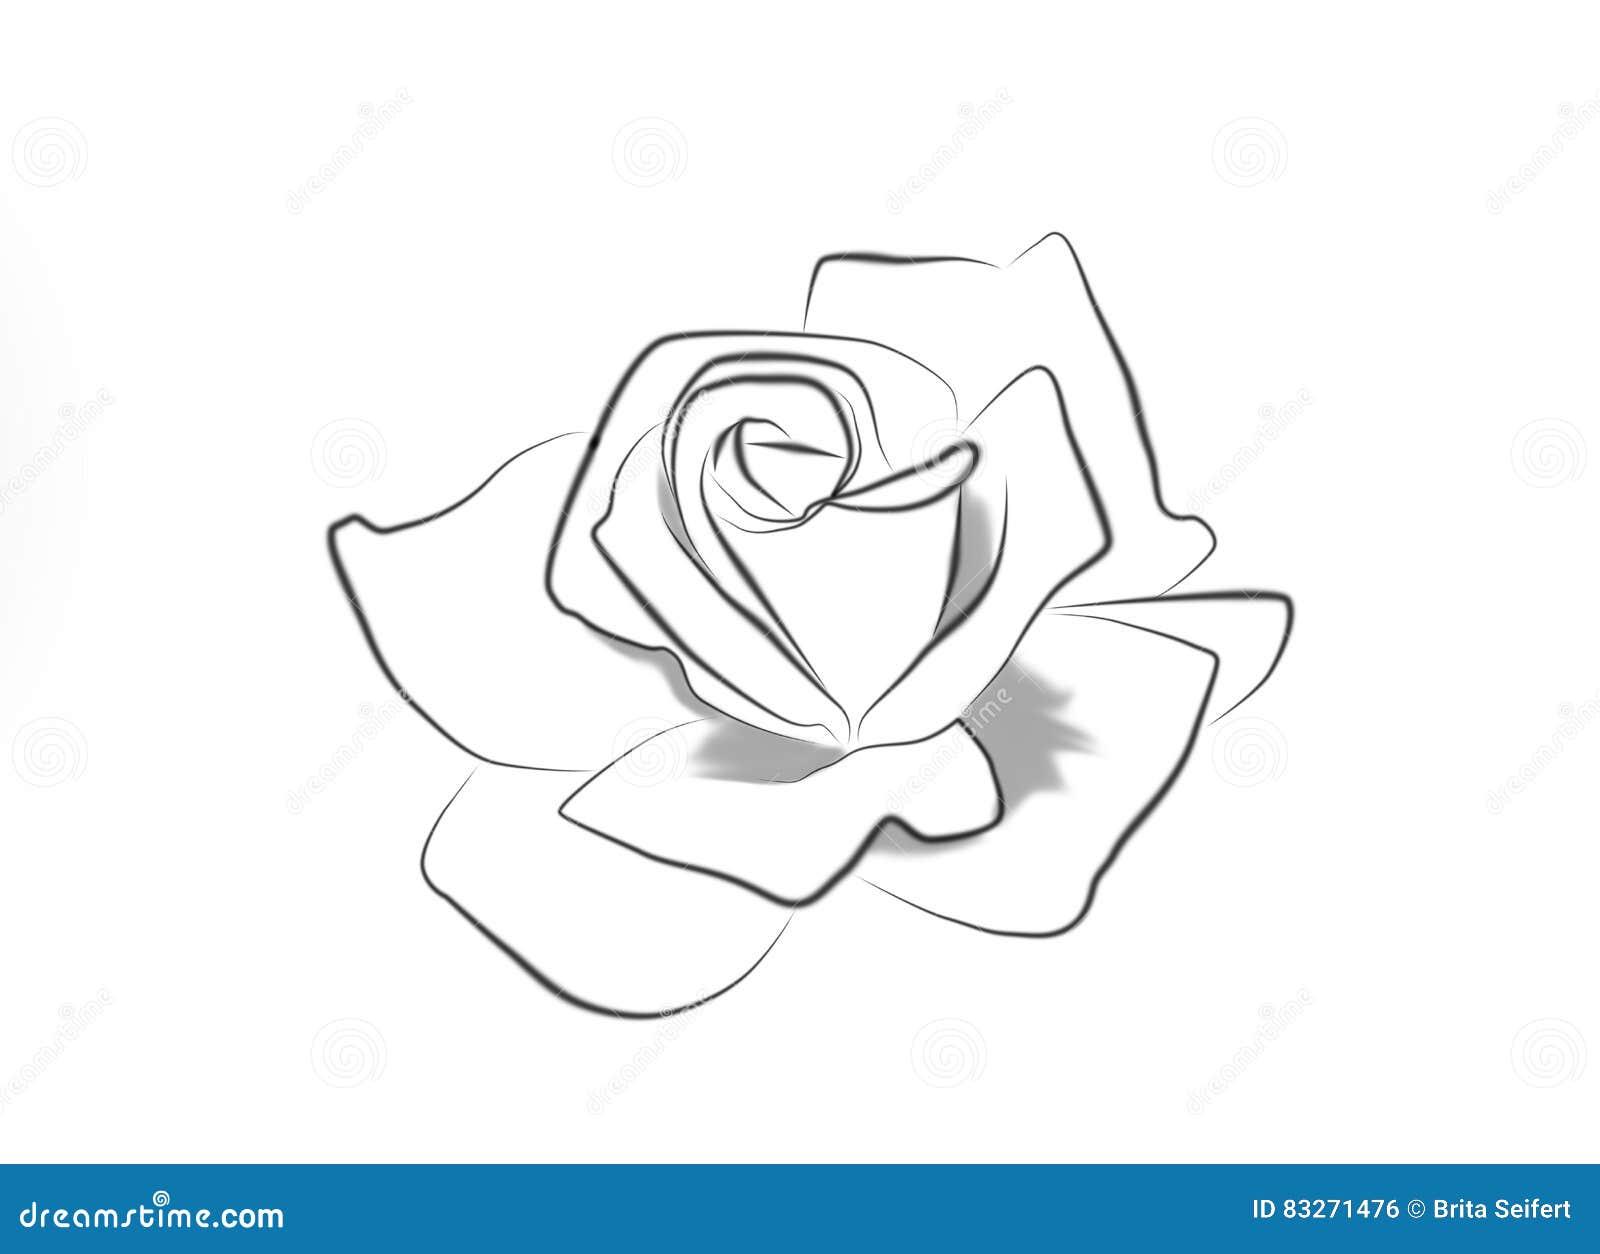 Federzeichnung einer Rose